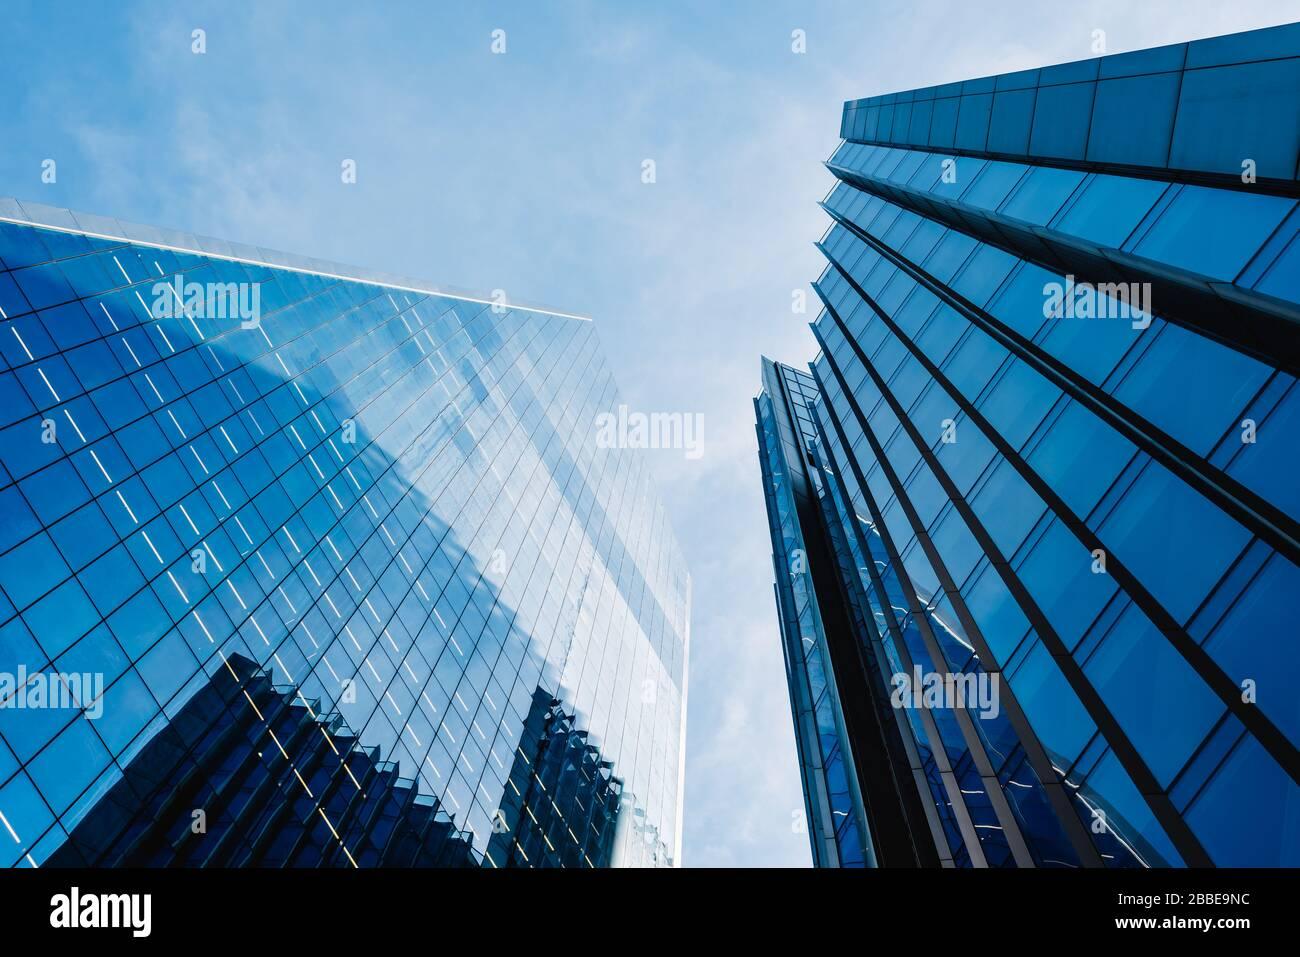 Londres, Reino Unido - 14 de mayo de 2019: Vista de bajo ángulo de los edificios de oficinas en la ciudad de Londres contra el cielo azul. Foto de stock